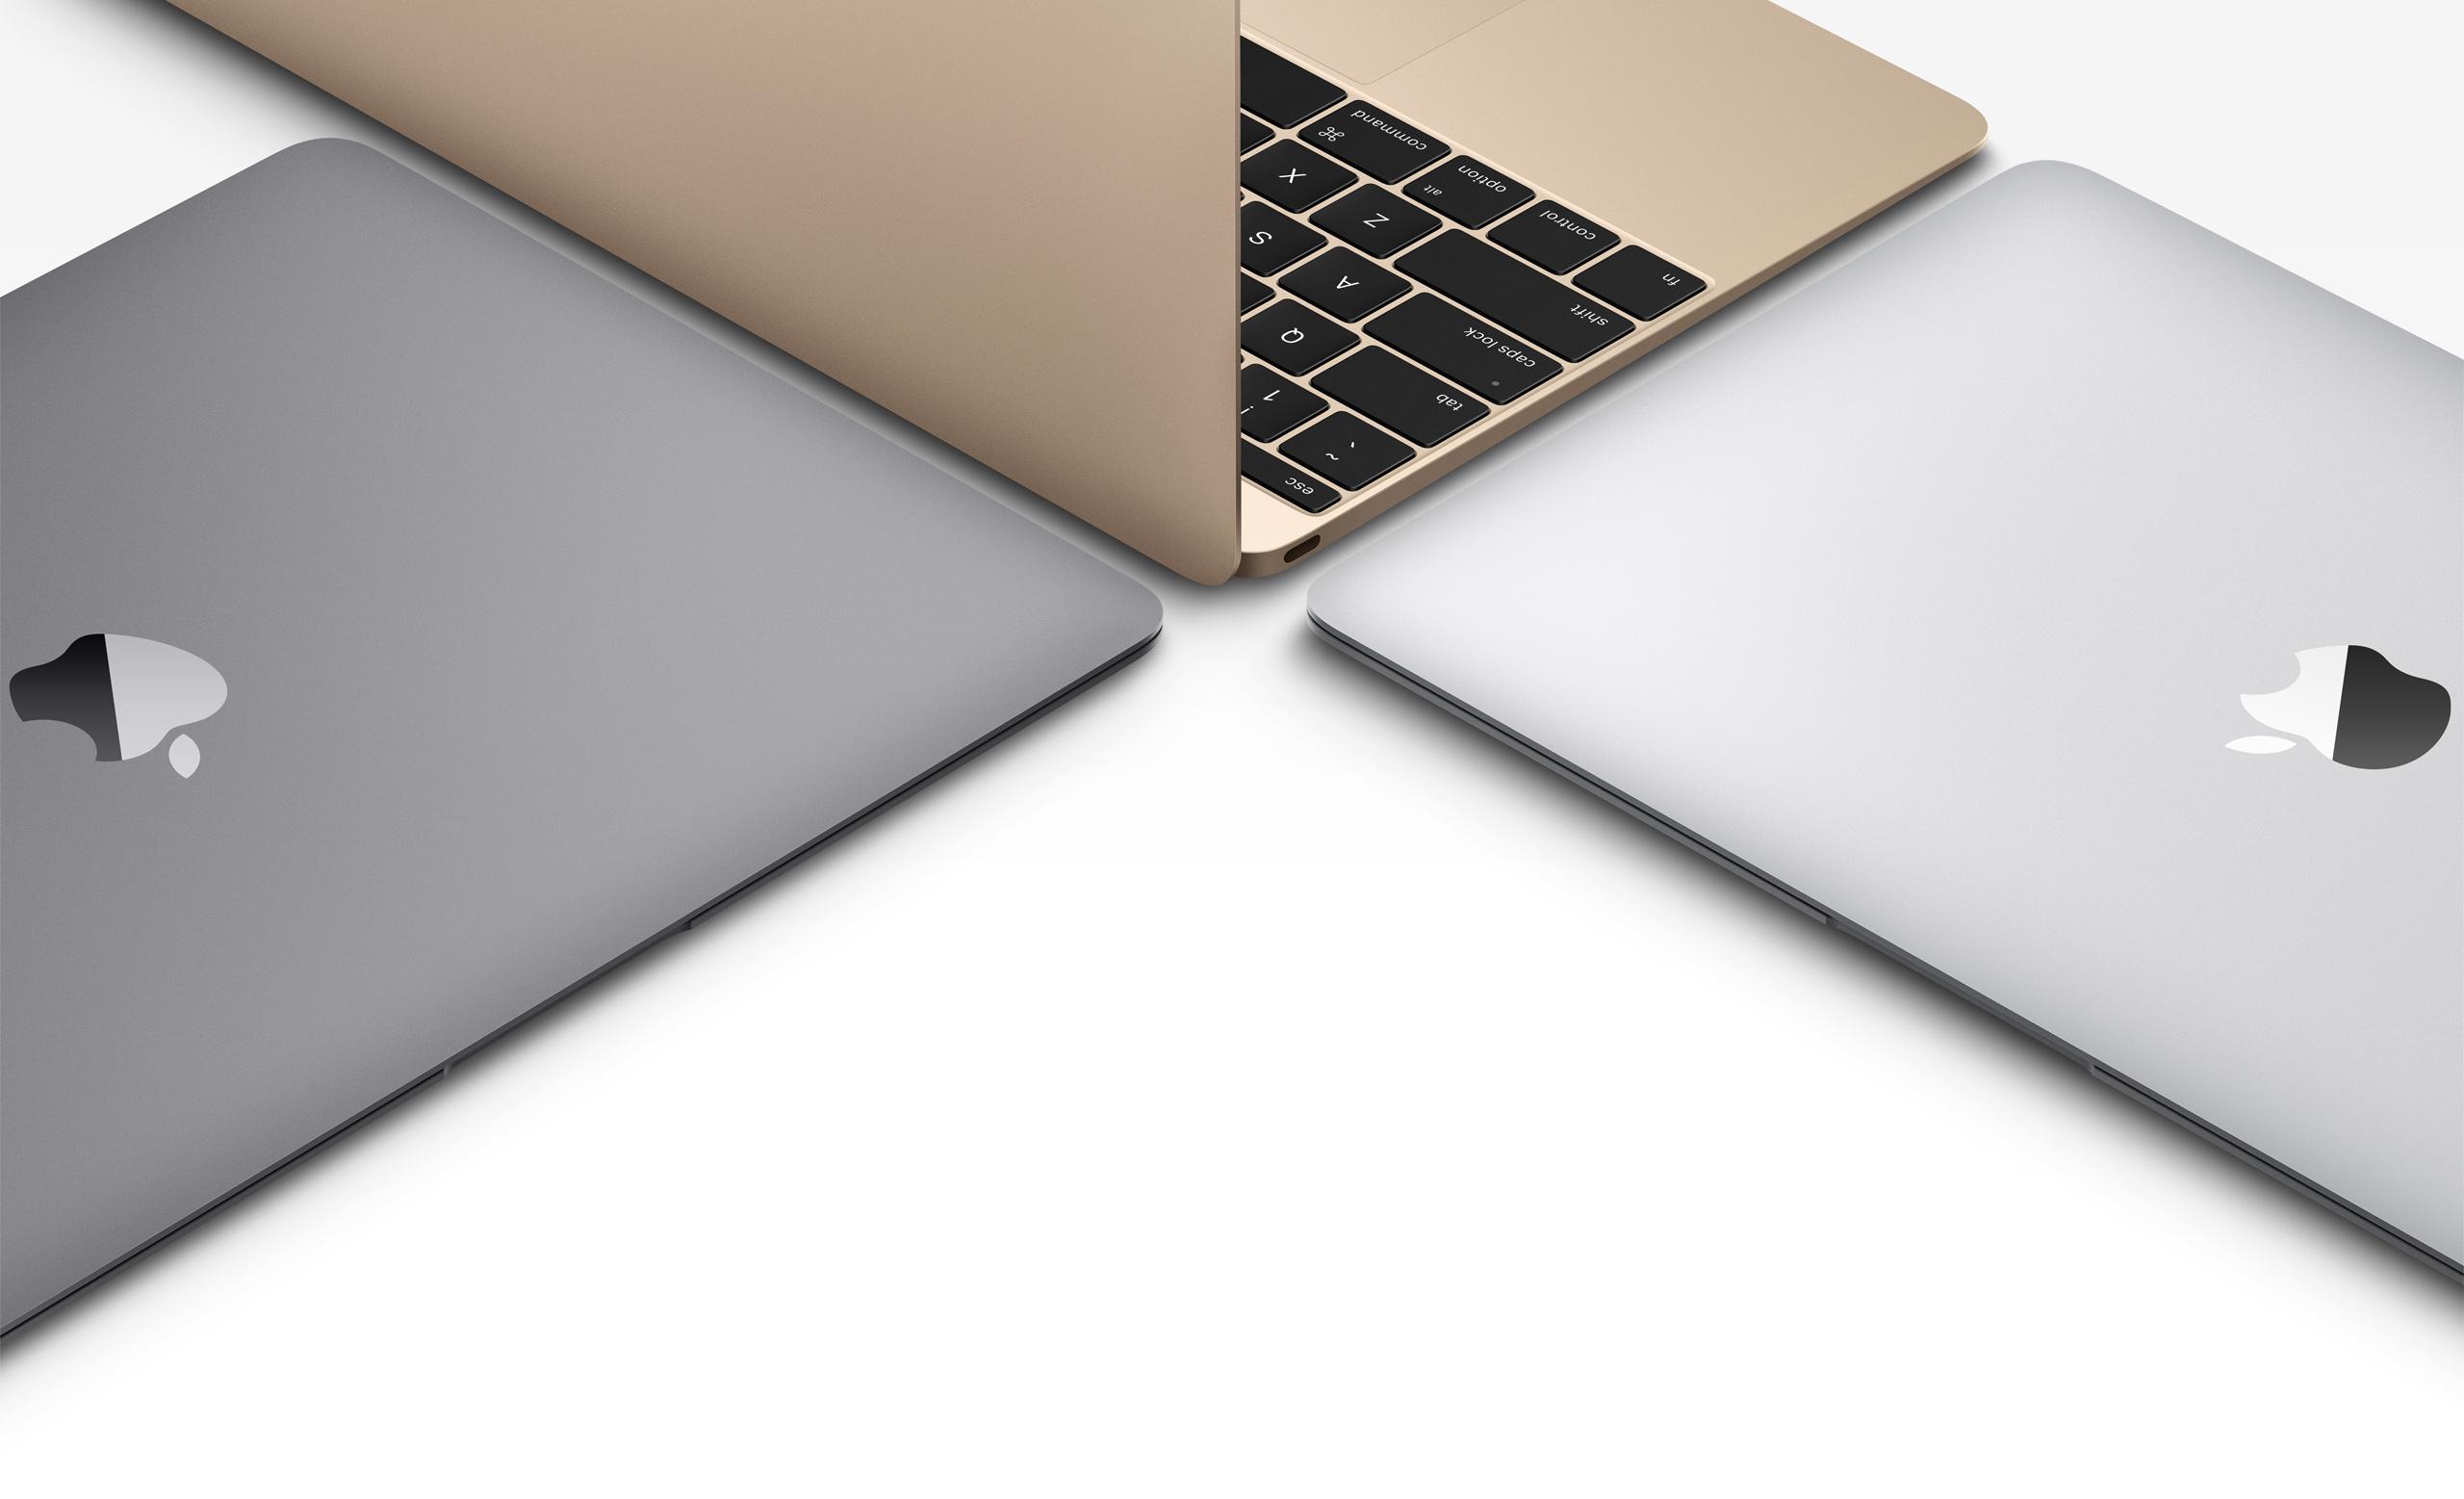 MacBook Retina 2016 : pourquoi je l'aime tant?